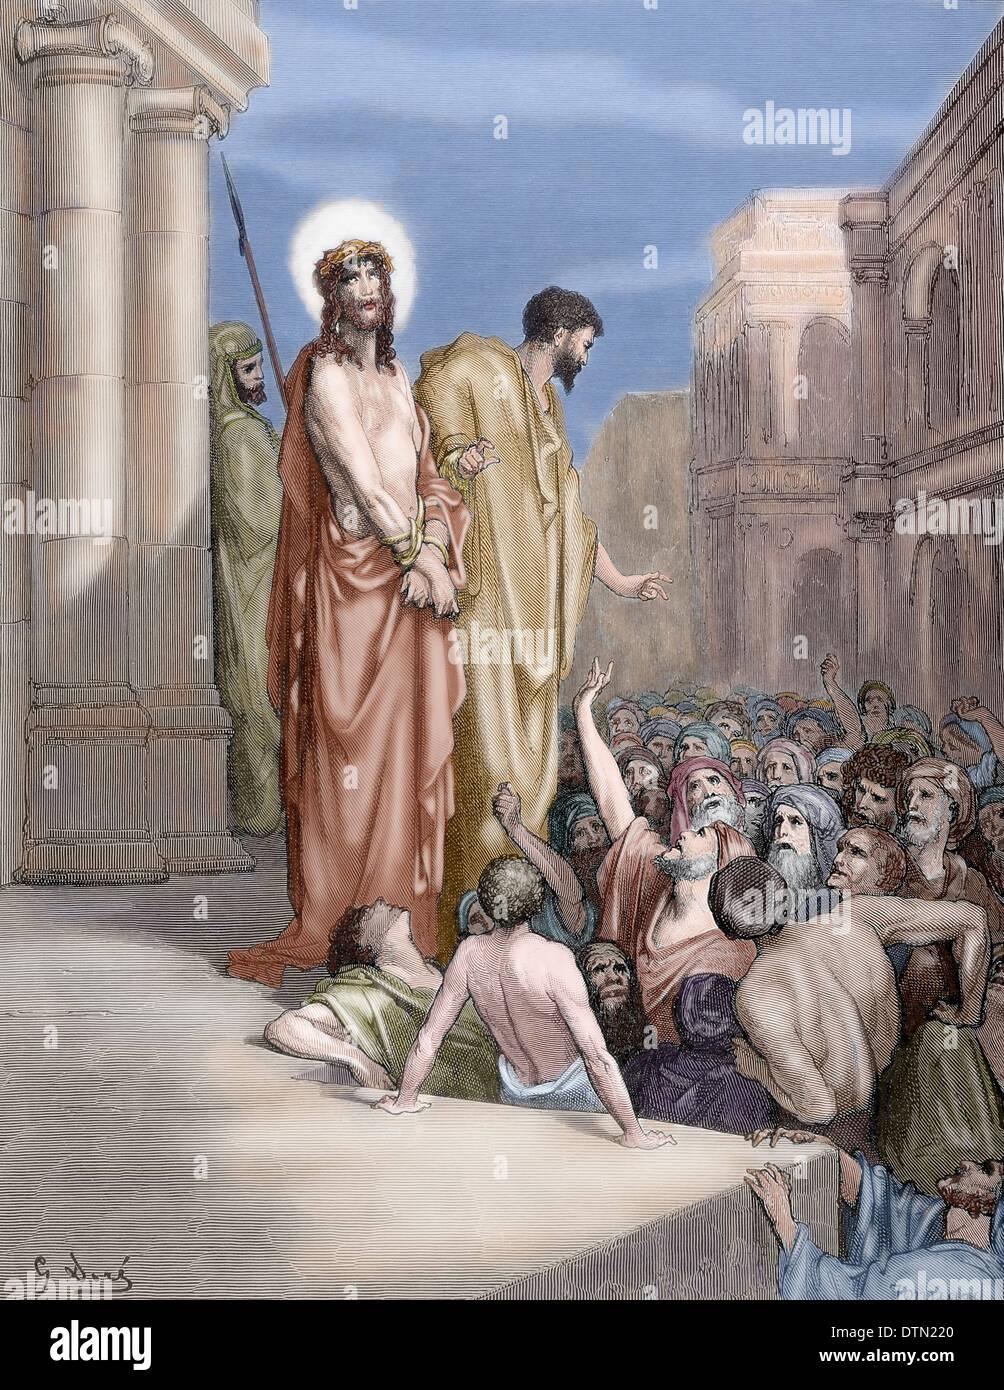 Berühmt Malerseite Von Jesus Am Palmsonntag Bilder - Malvorlagen Von ...